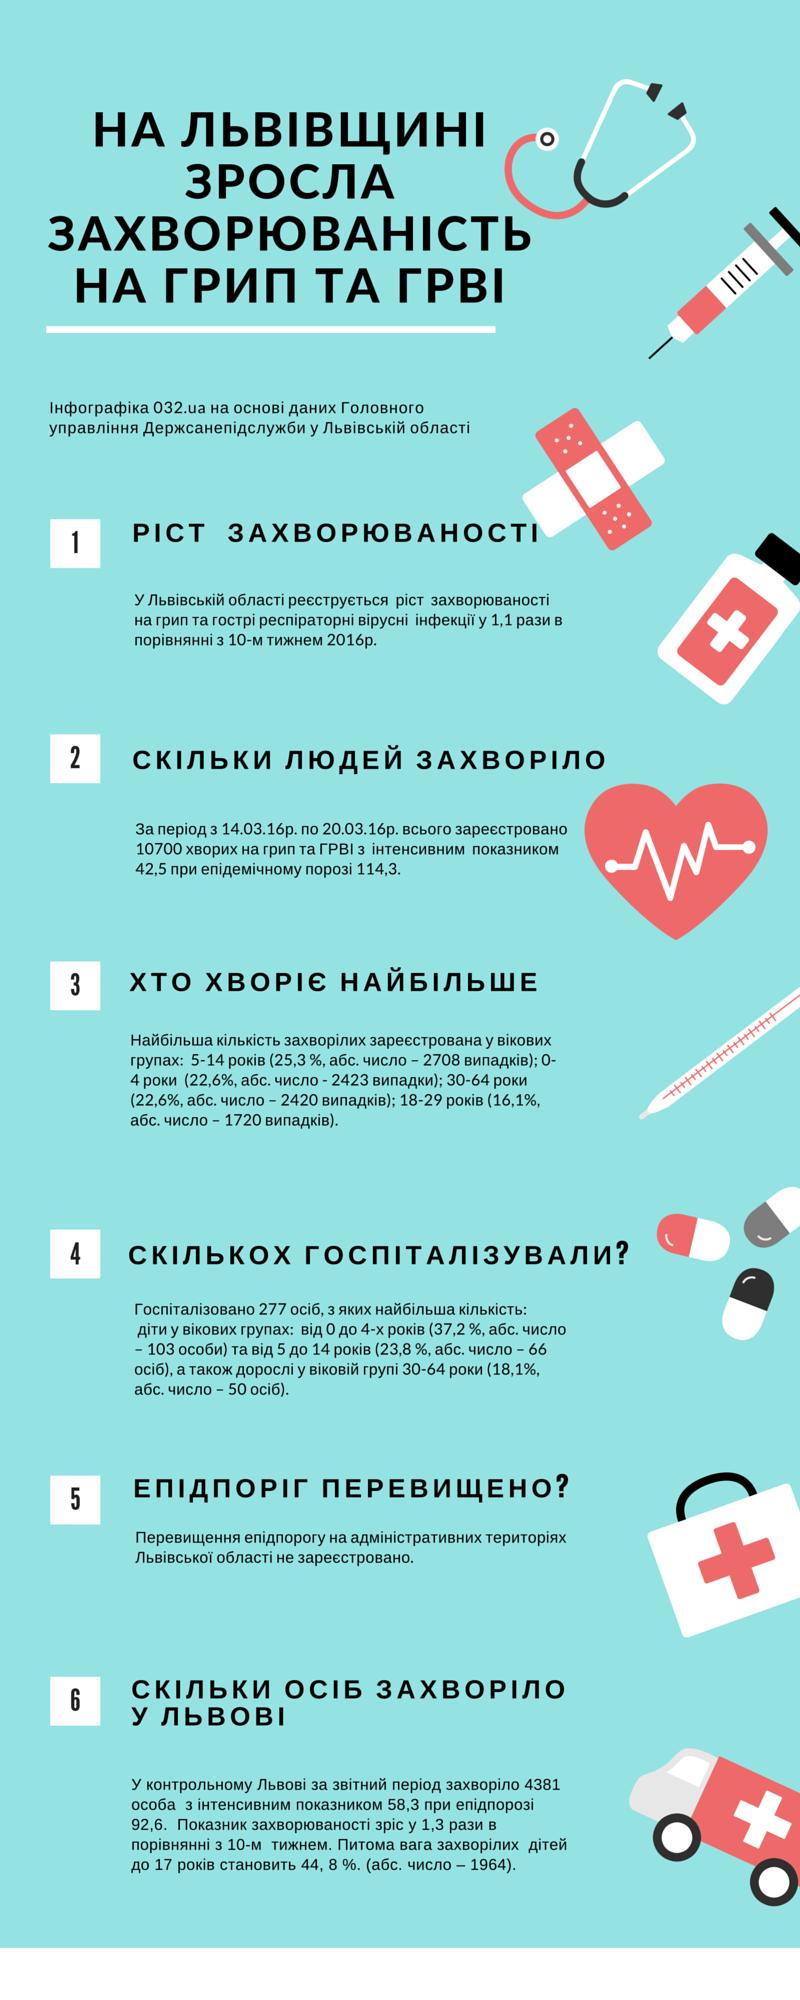 Львів. Стан аварійності на дорогах (5)